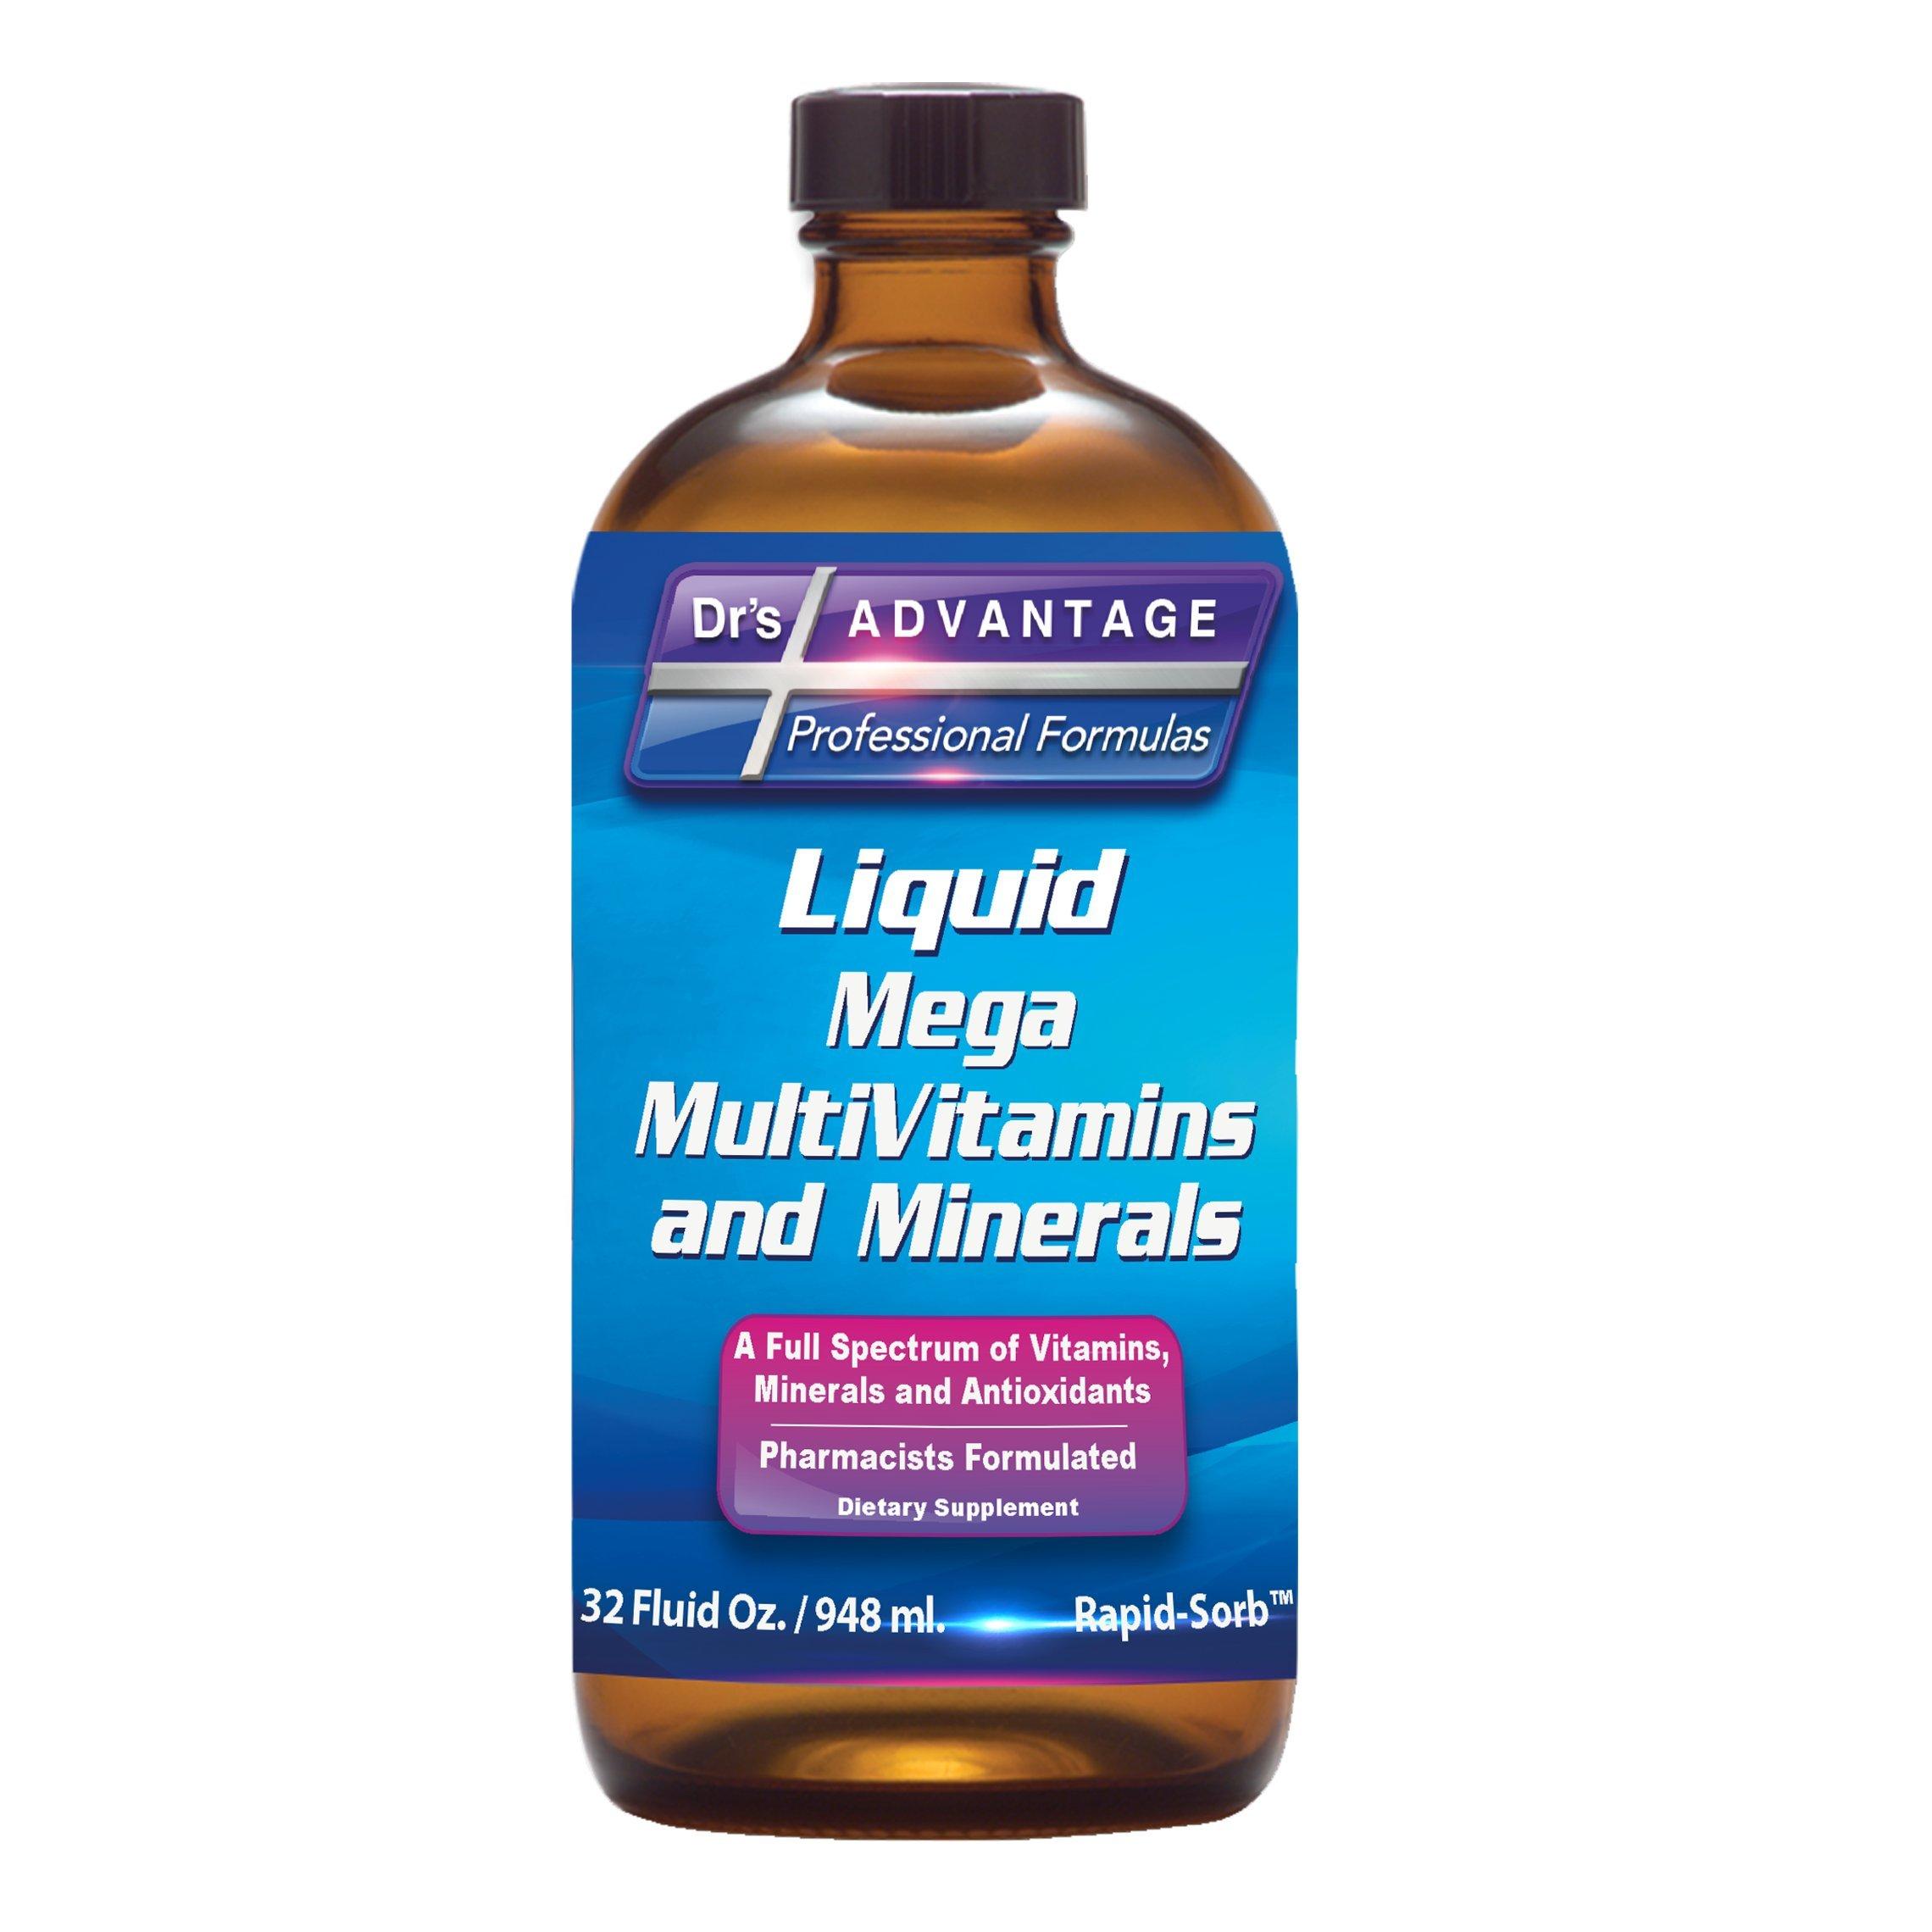 Drs Advantage - Liquid Mega MultiVitamins and Minerals 32oz [Health and Beauty]